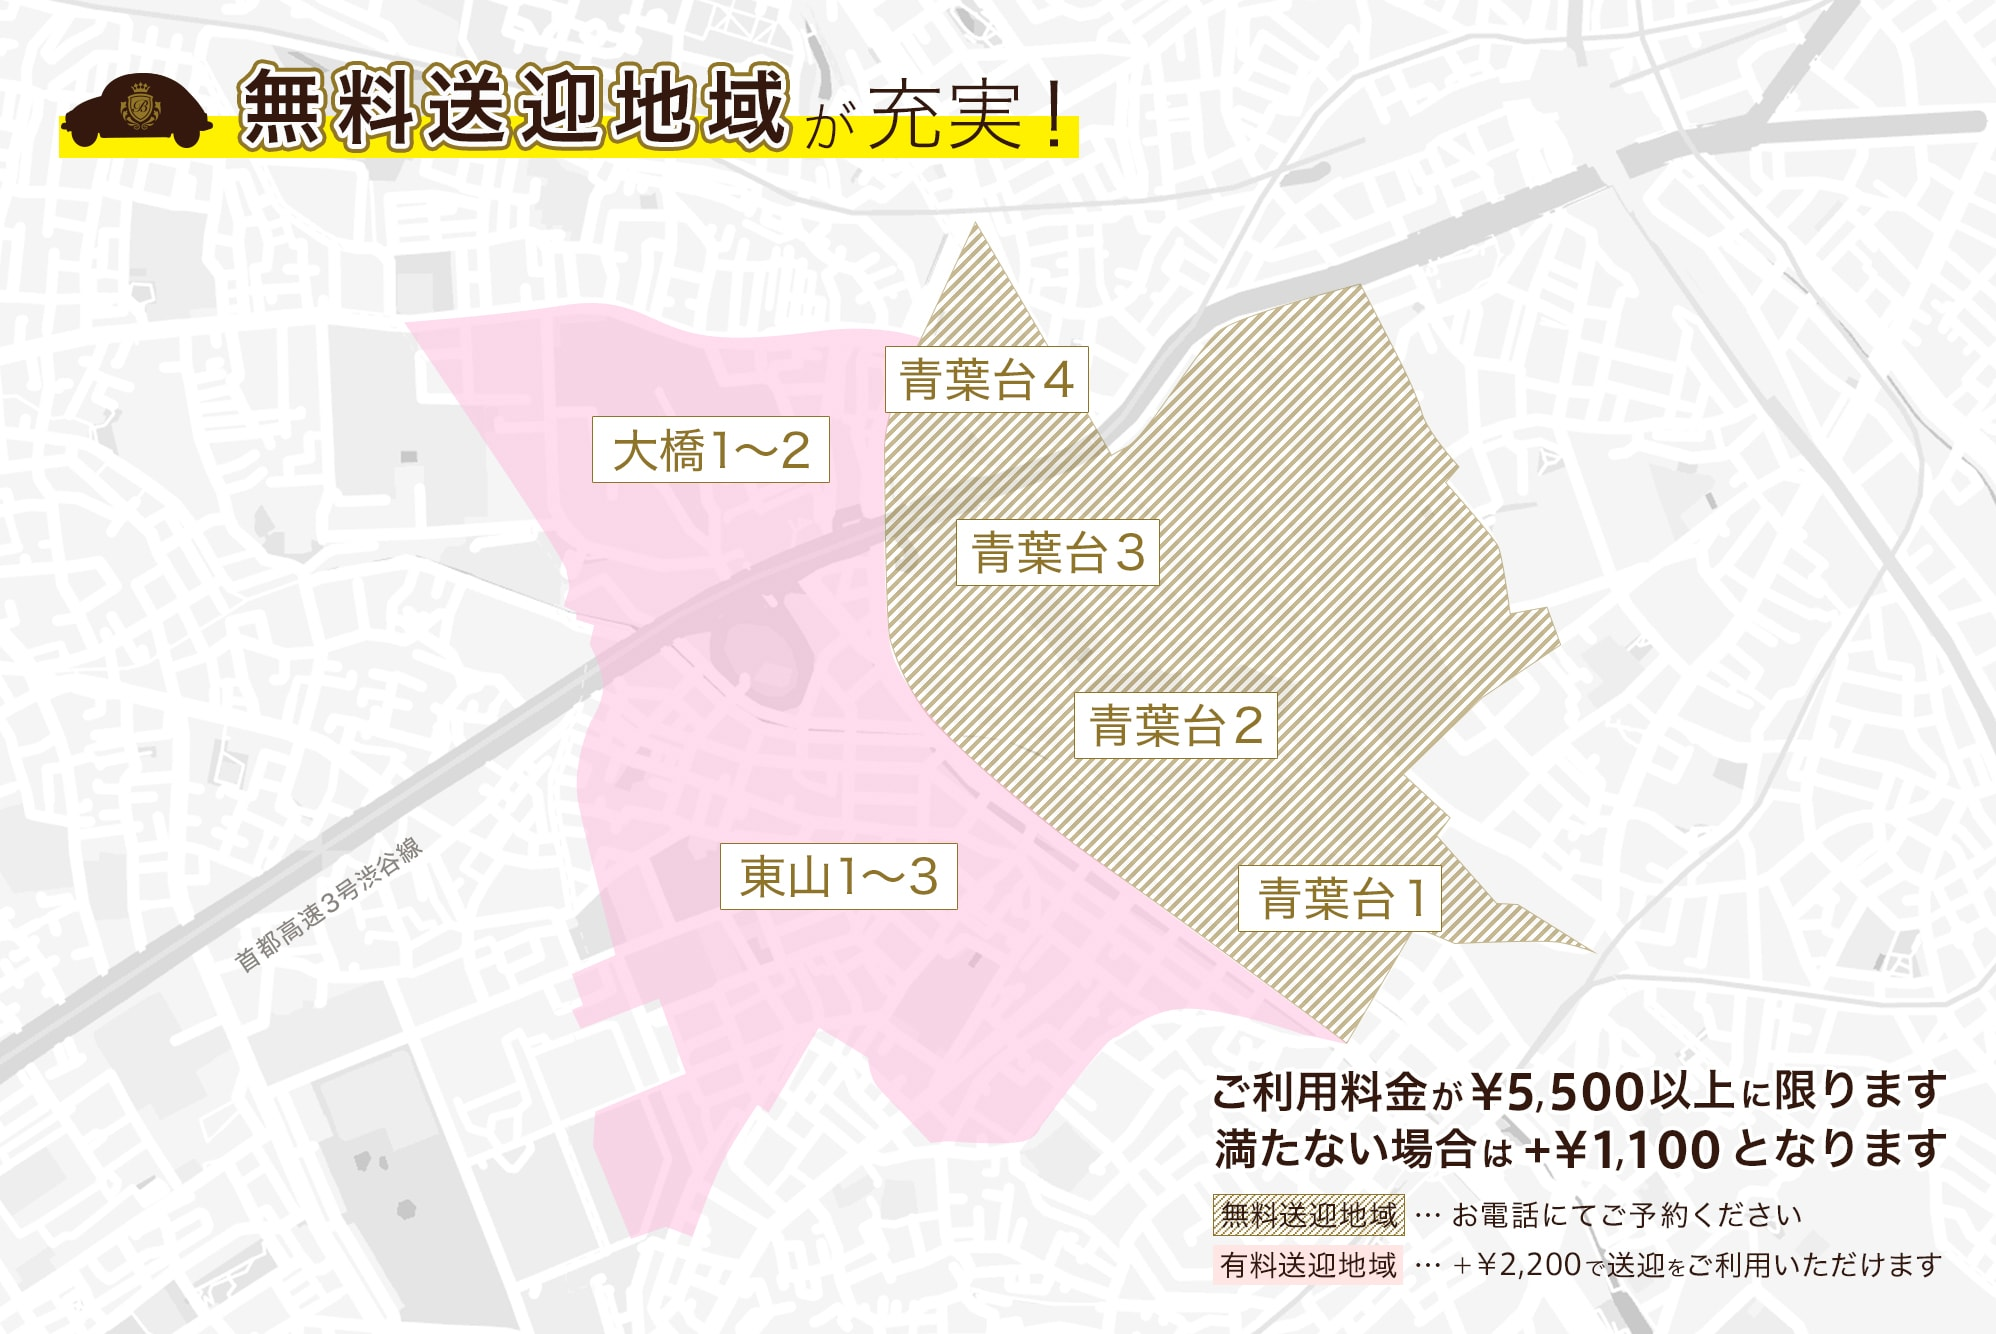 無料送迎地域【青葉台エリア】